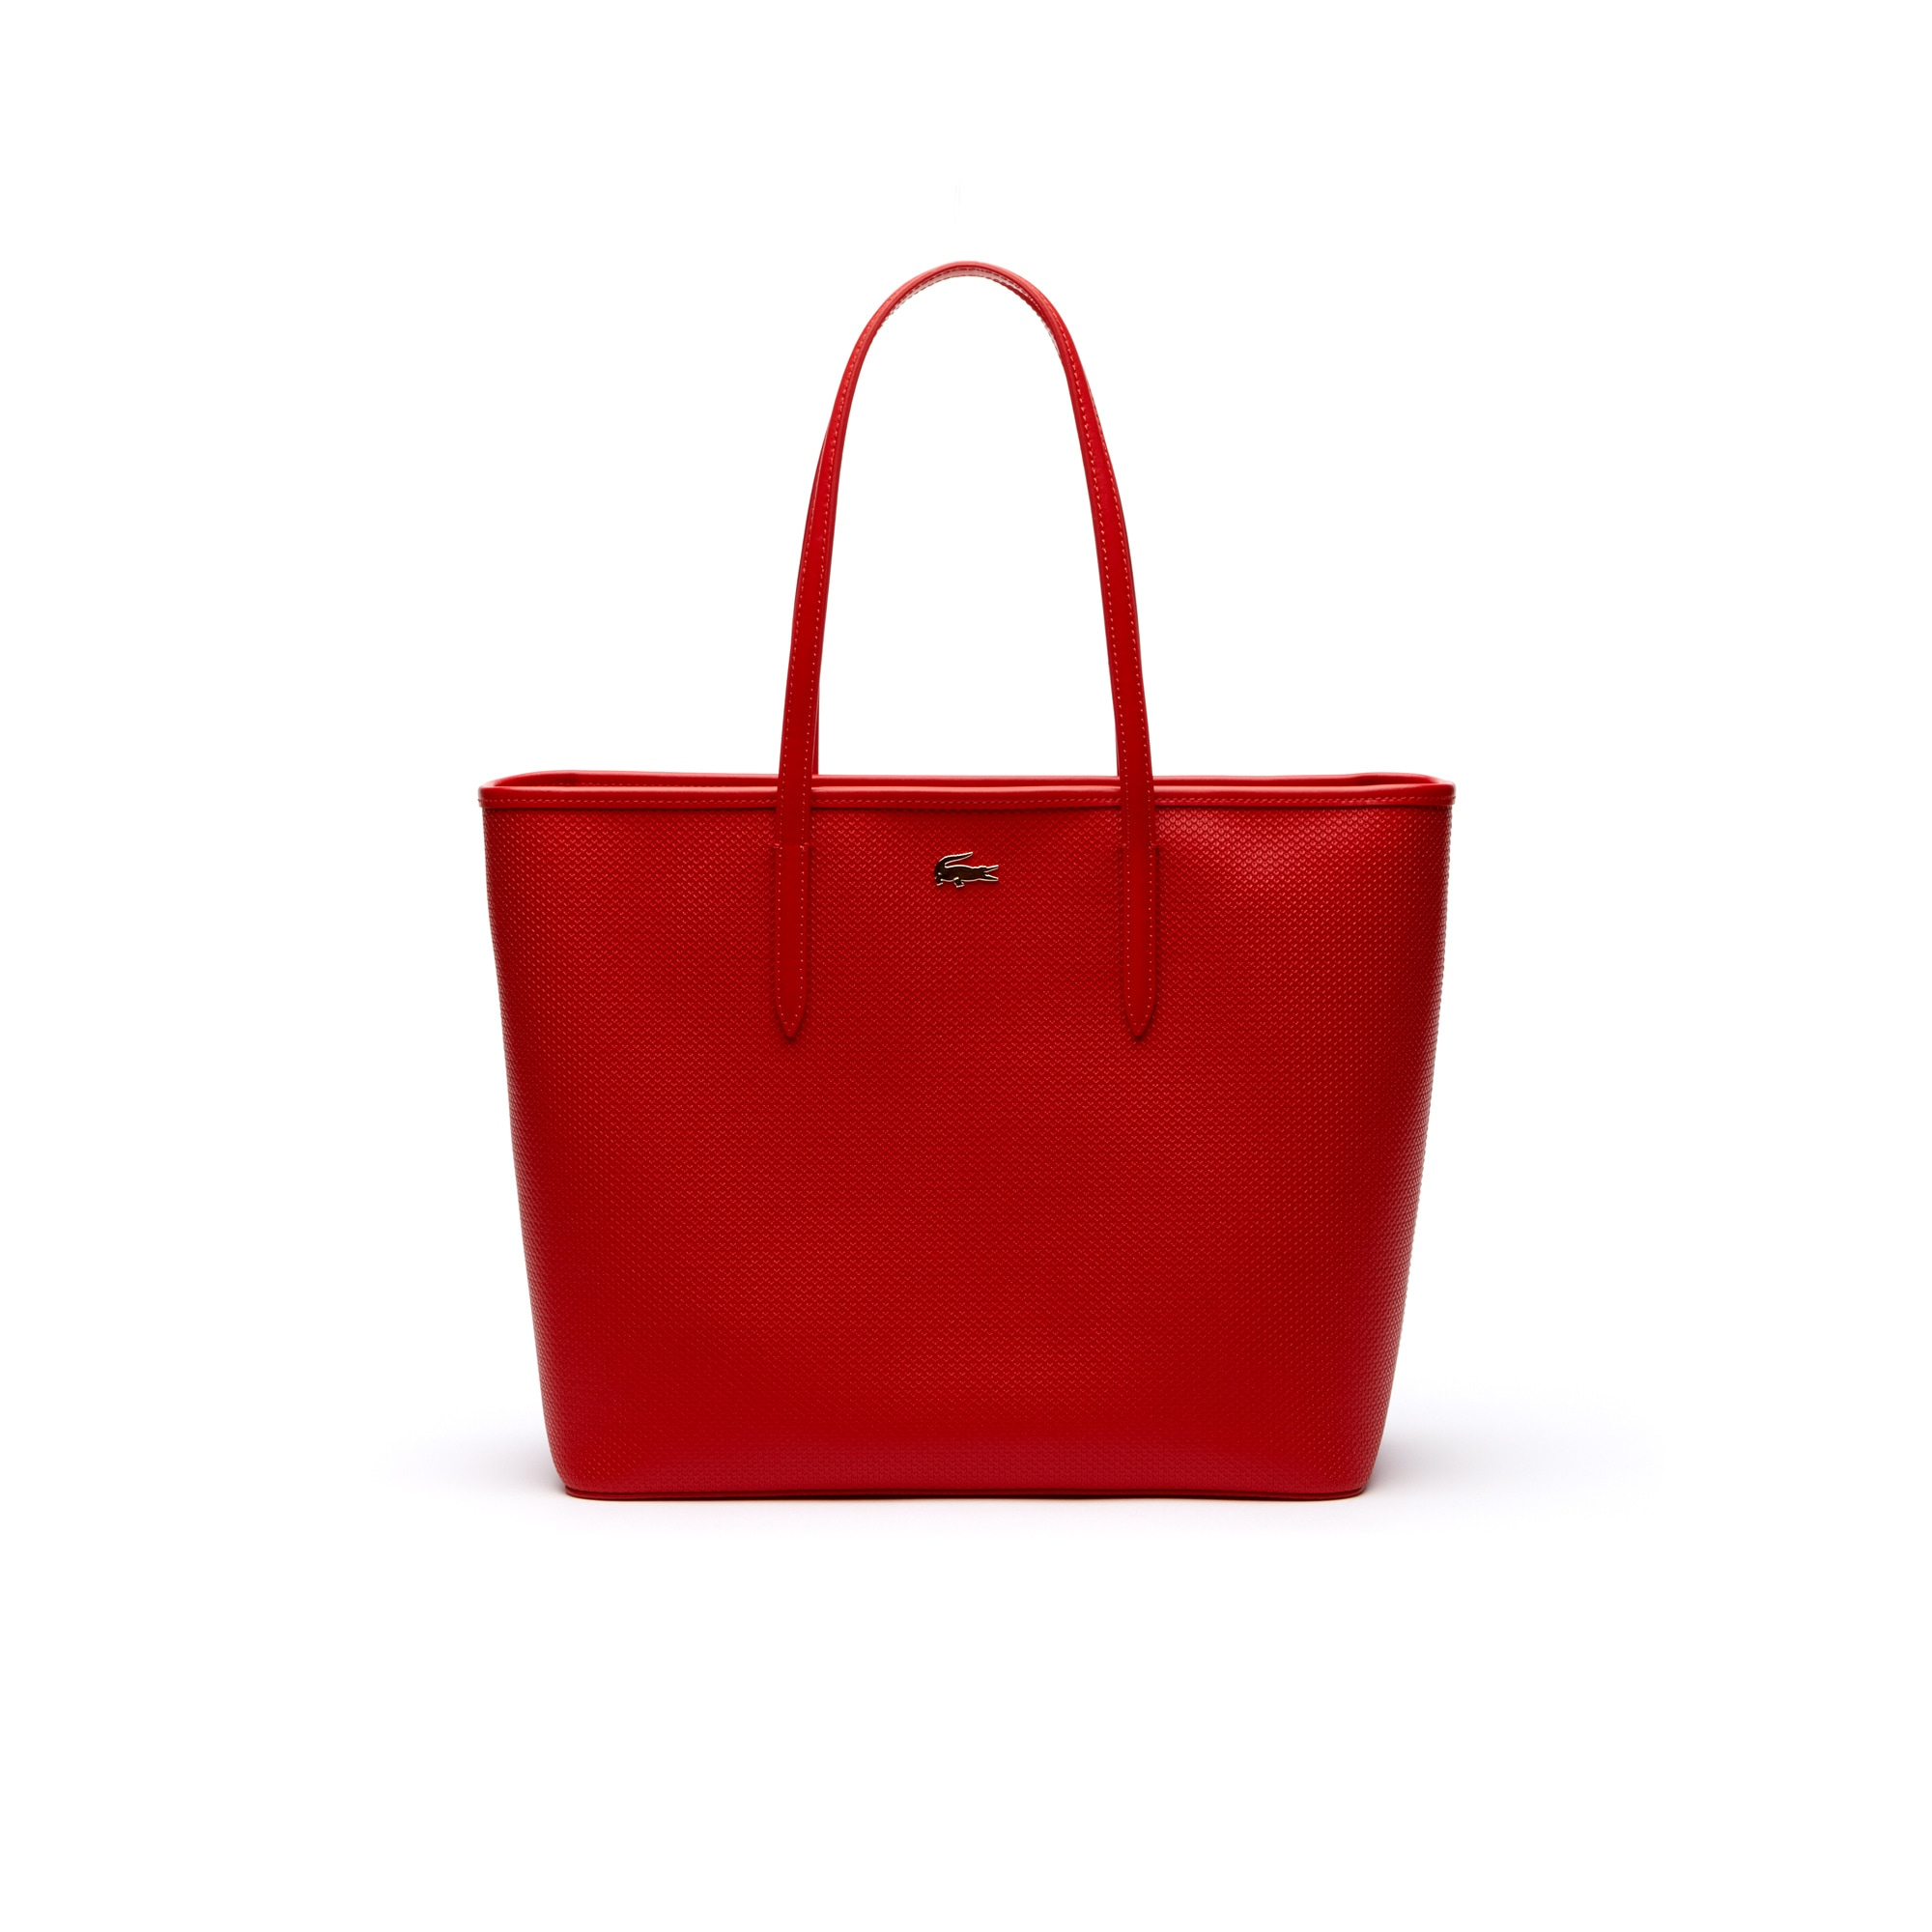 Große Damen-Tote-Bag CHANTACO aus Piqué-Leder mit Reißverschluss